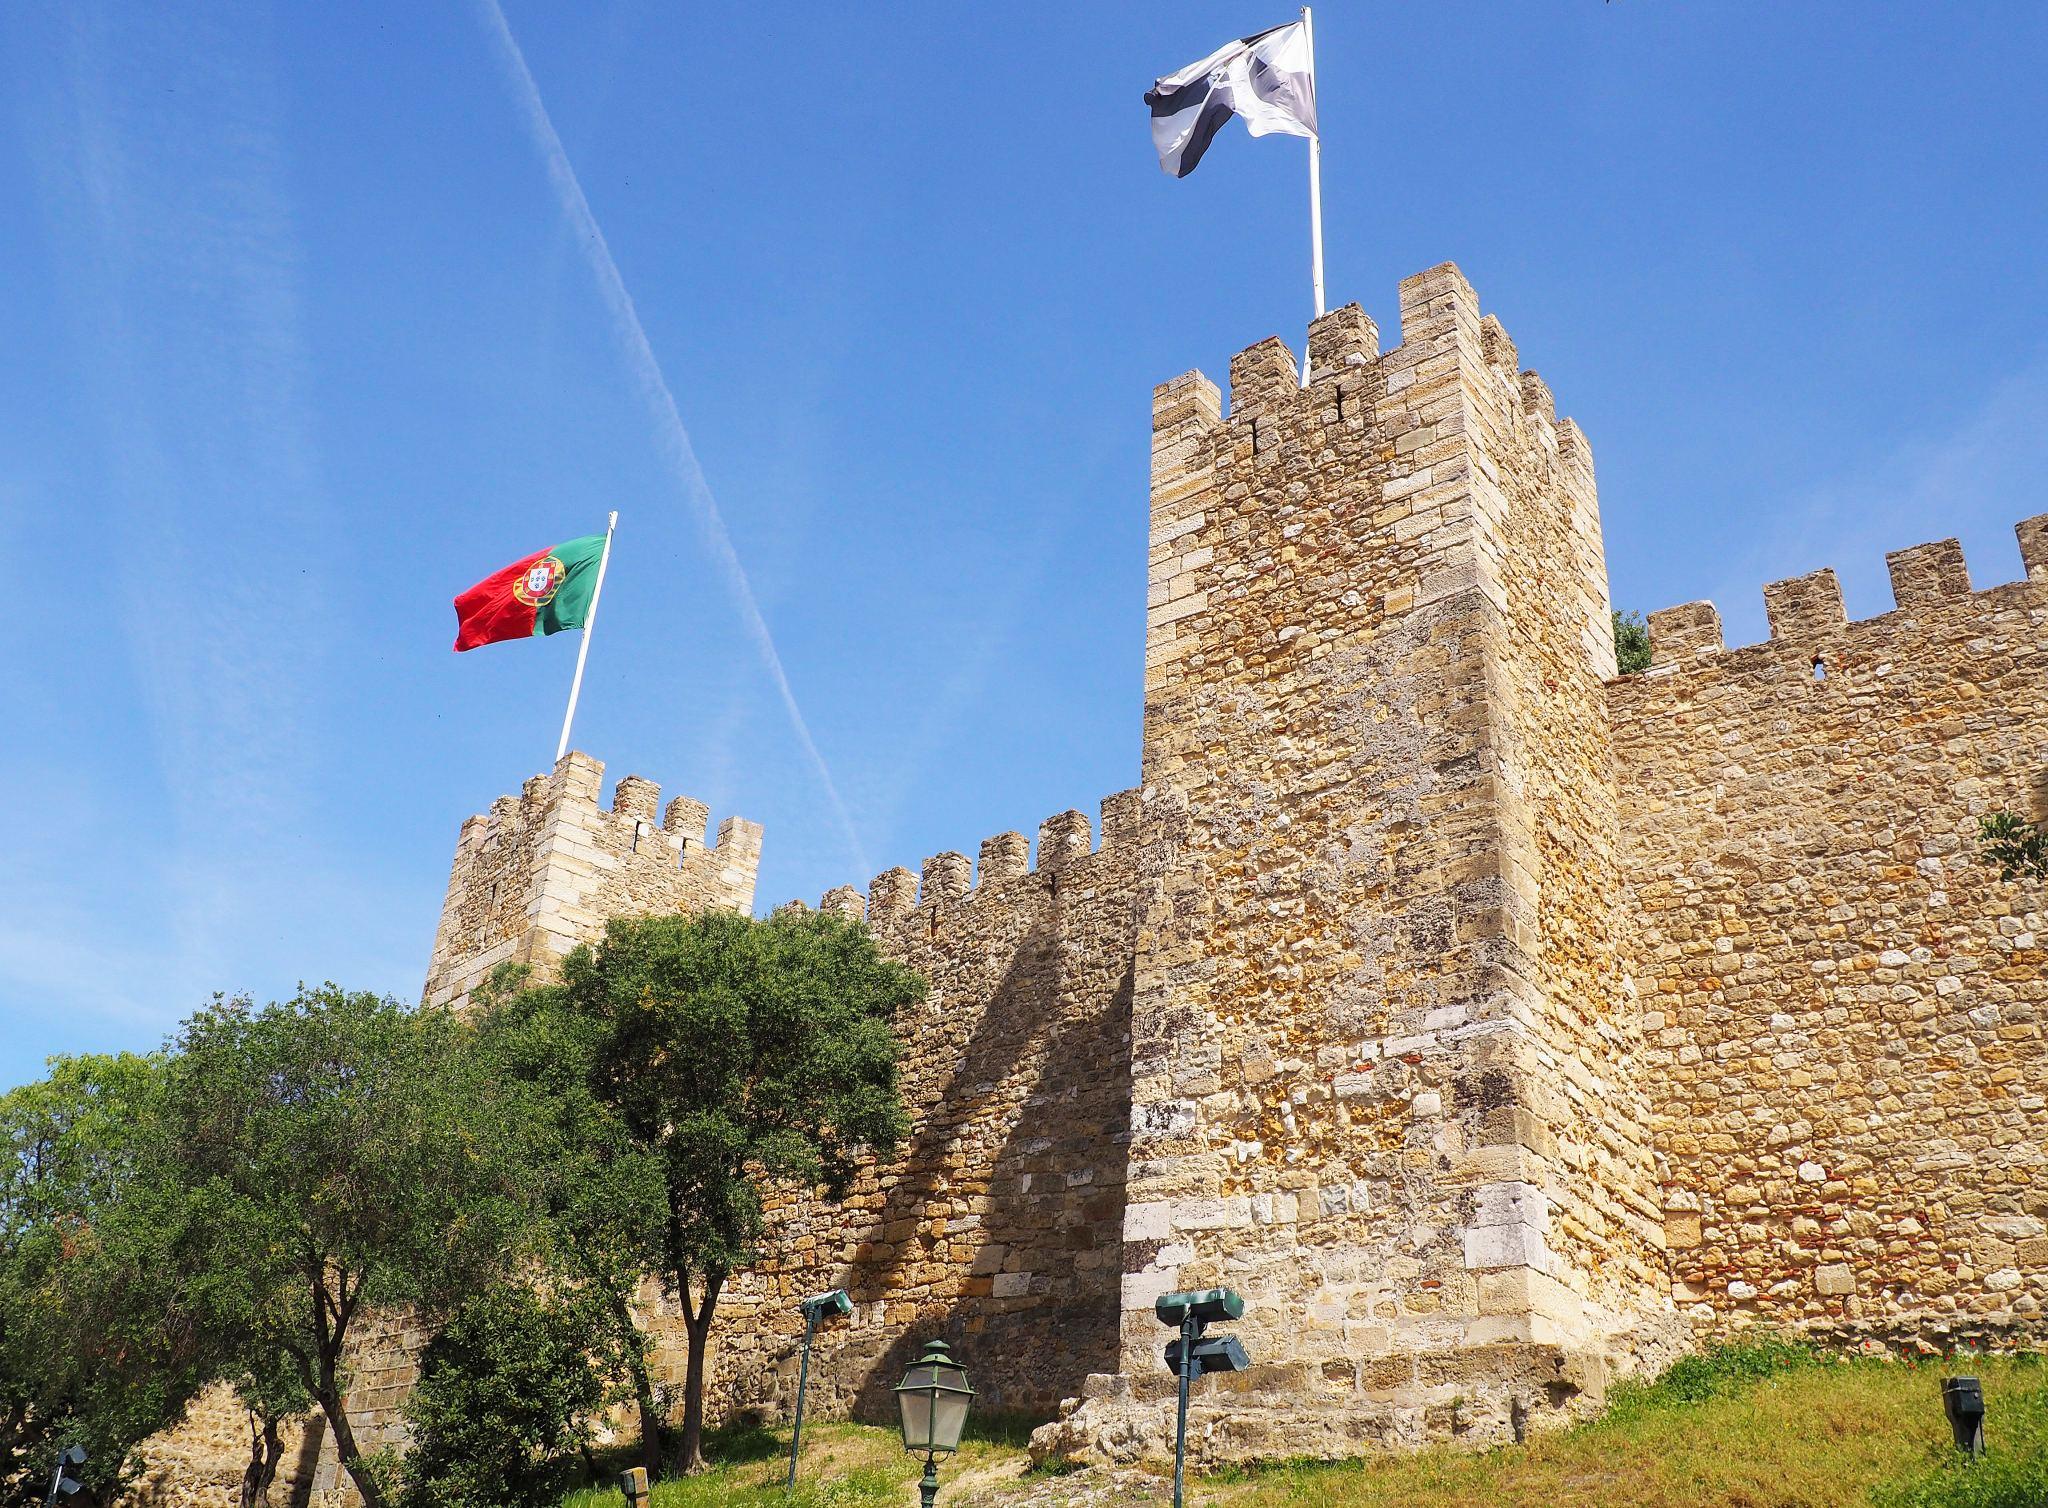 Castelo de São Jorge, Downtown Lisbon